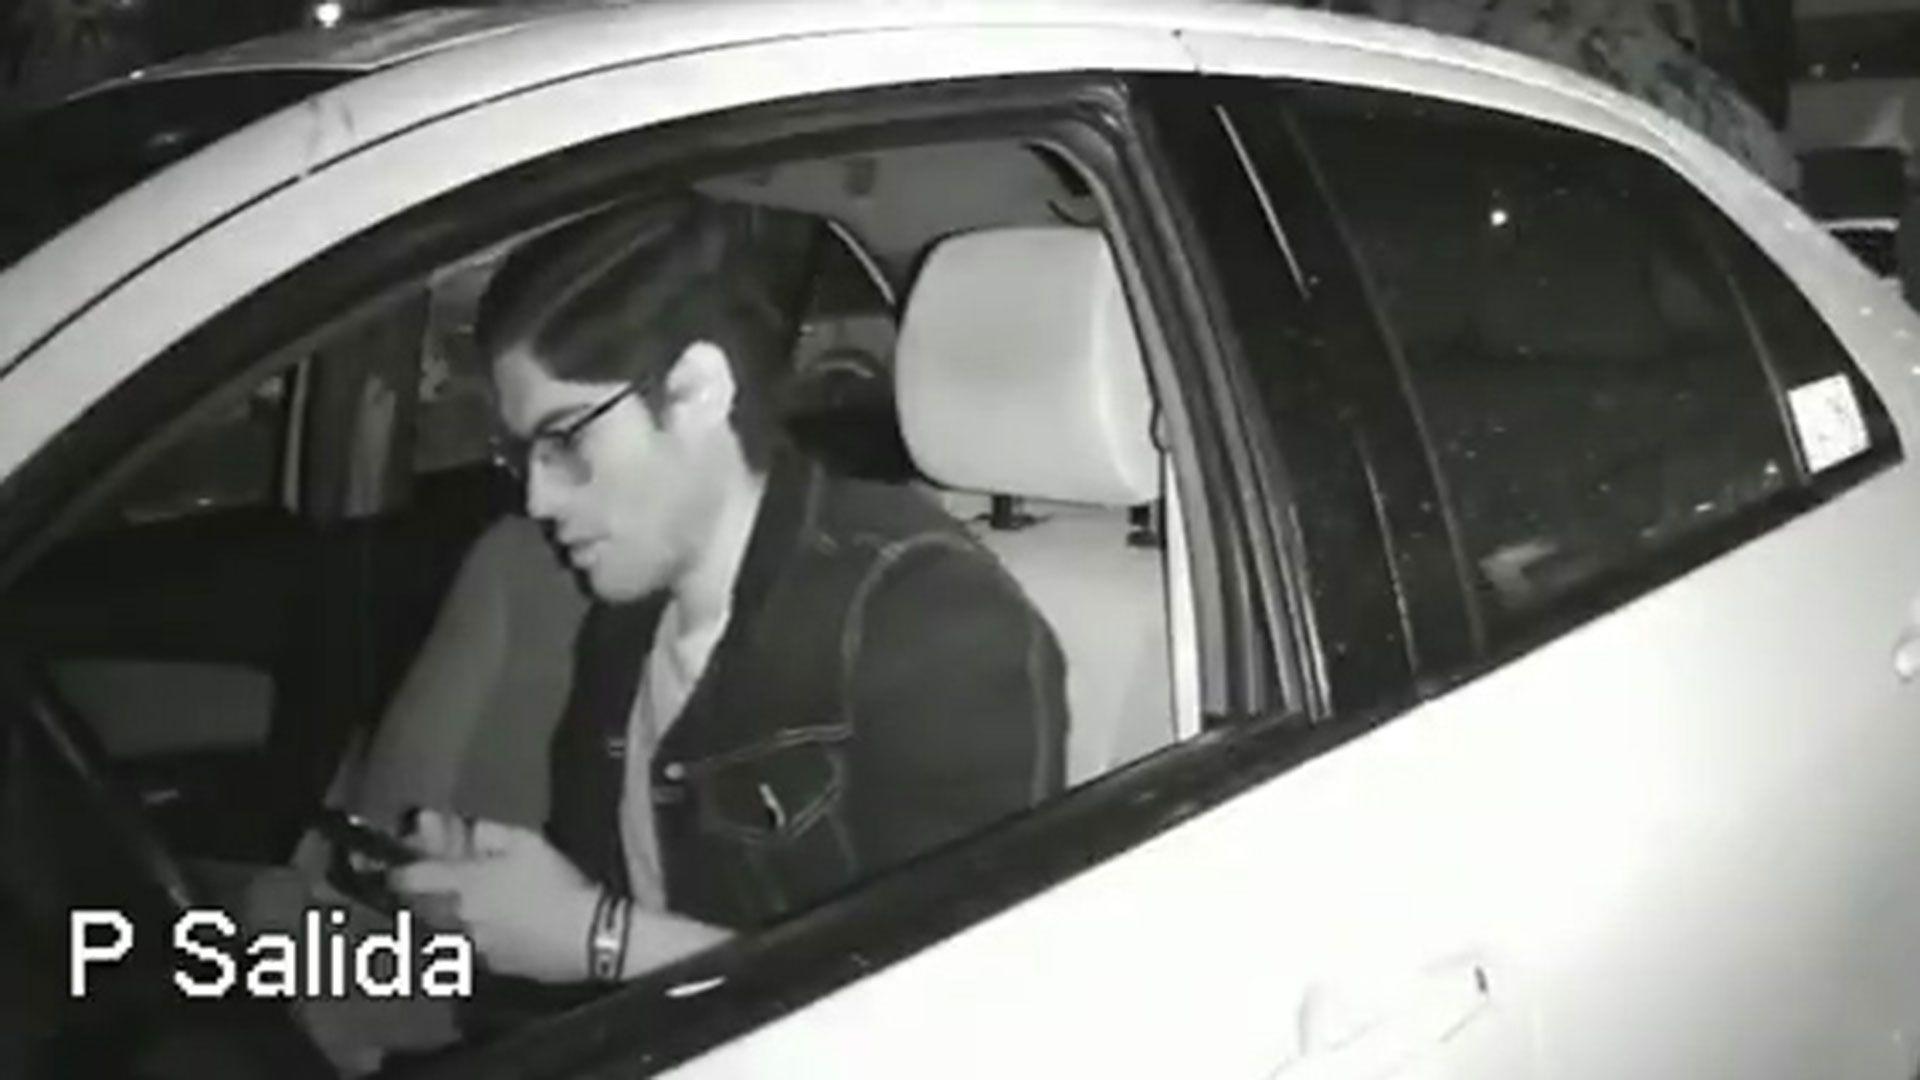 El joven le envió un mensaje a su novia, como cada noche, para avisarle que se dirigía hacia la casa de sus tíos (Foto: captura de pantalla)